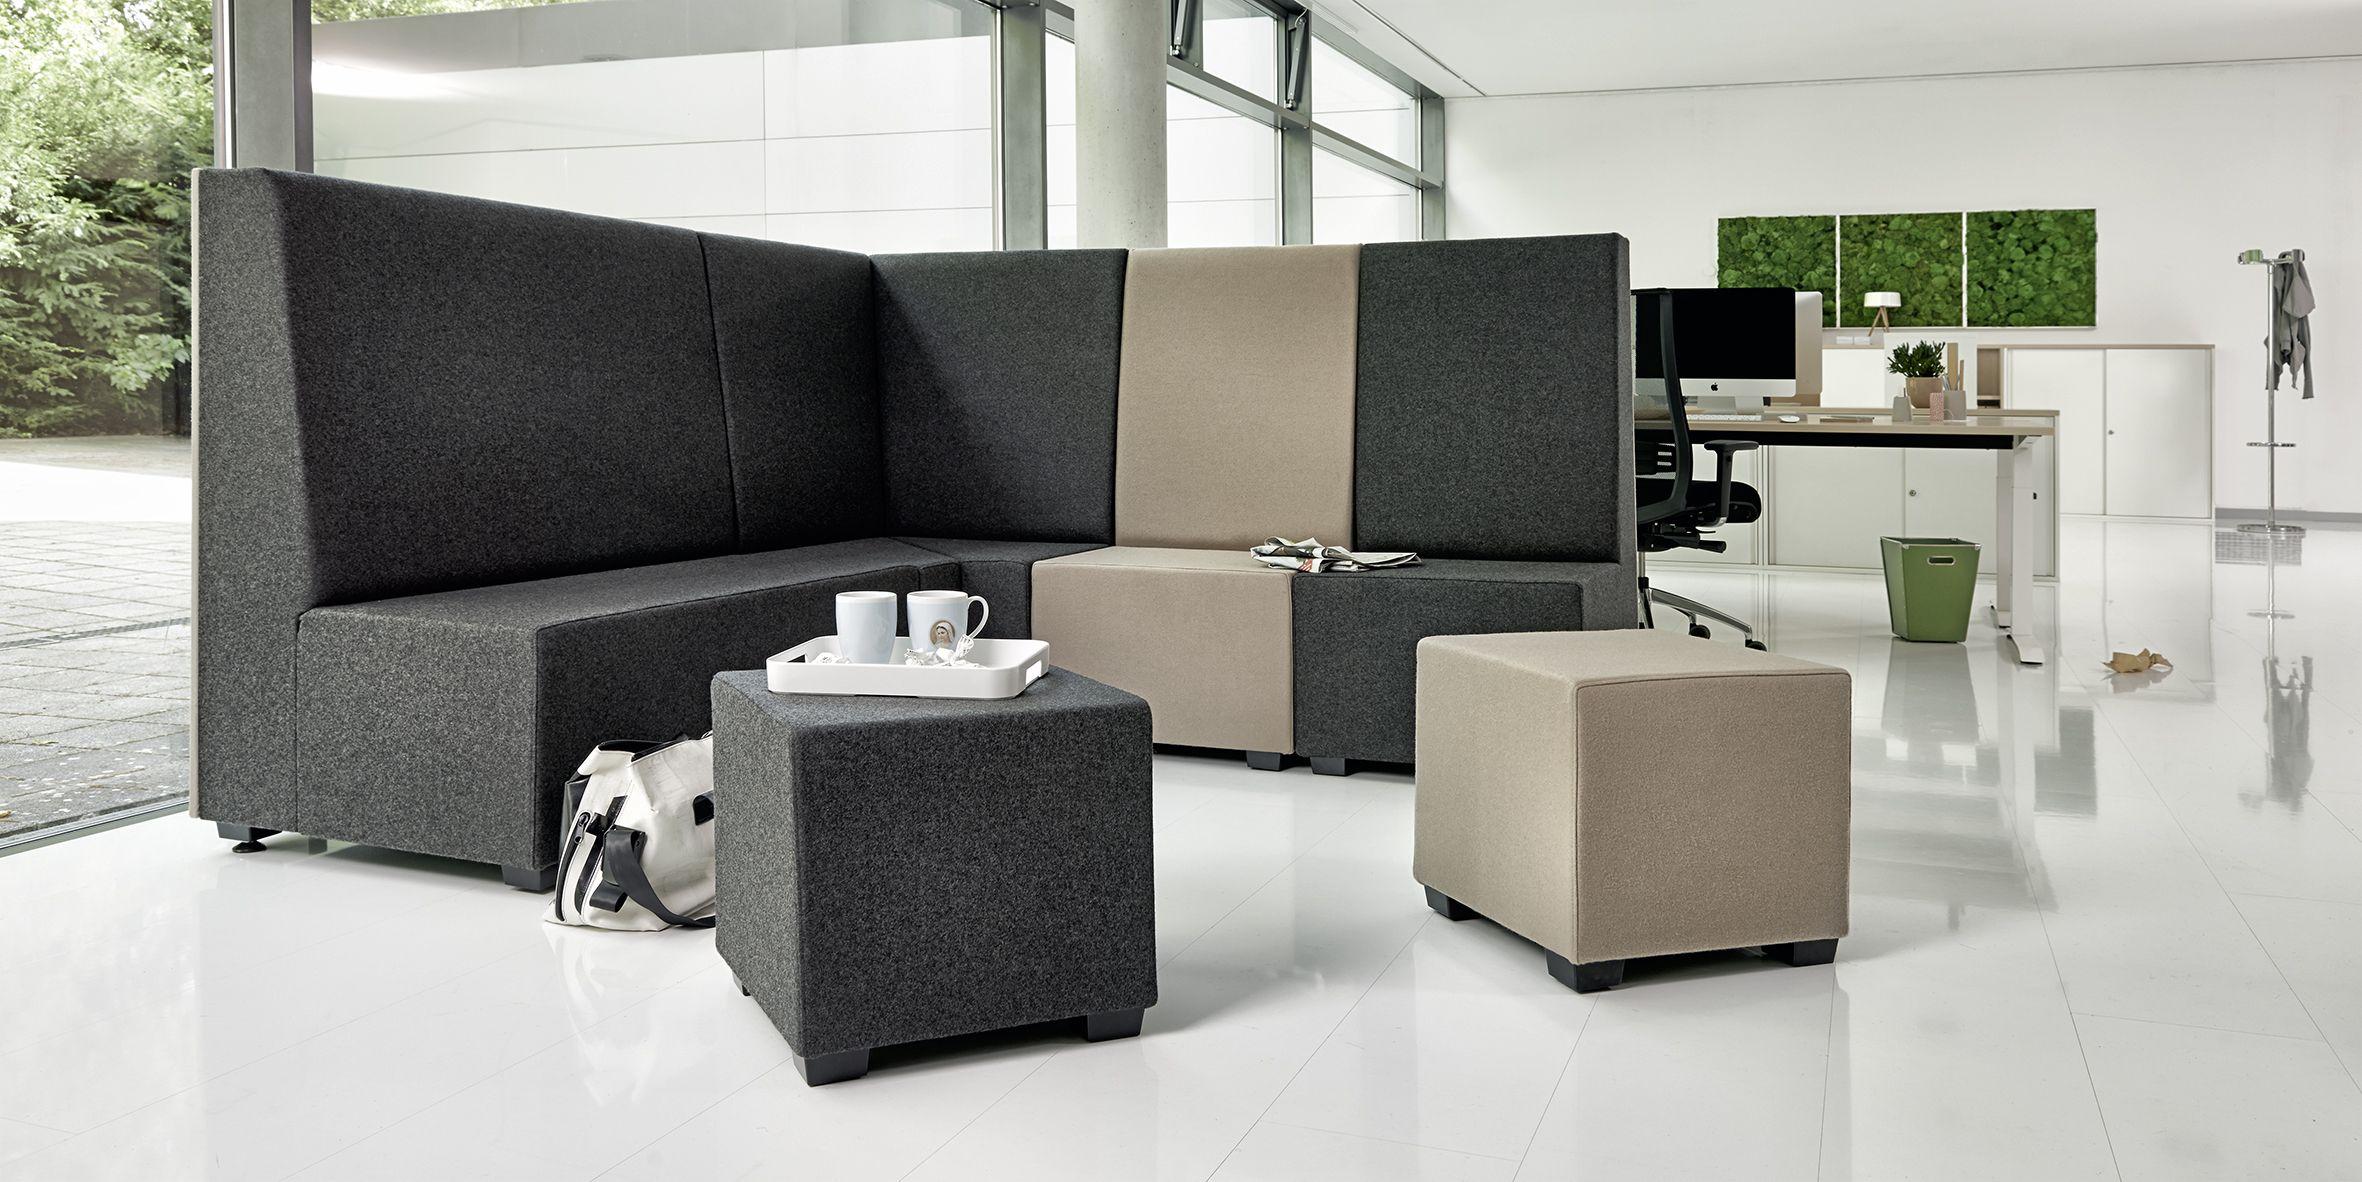 Sofa Talkline von Febrü – Talkline bringt gemütliche Wohnlichkeit ...